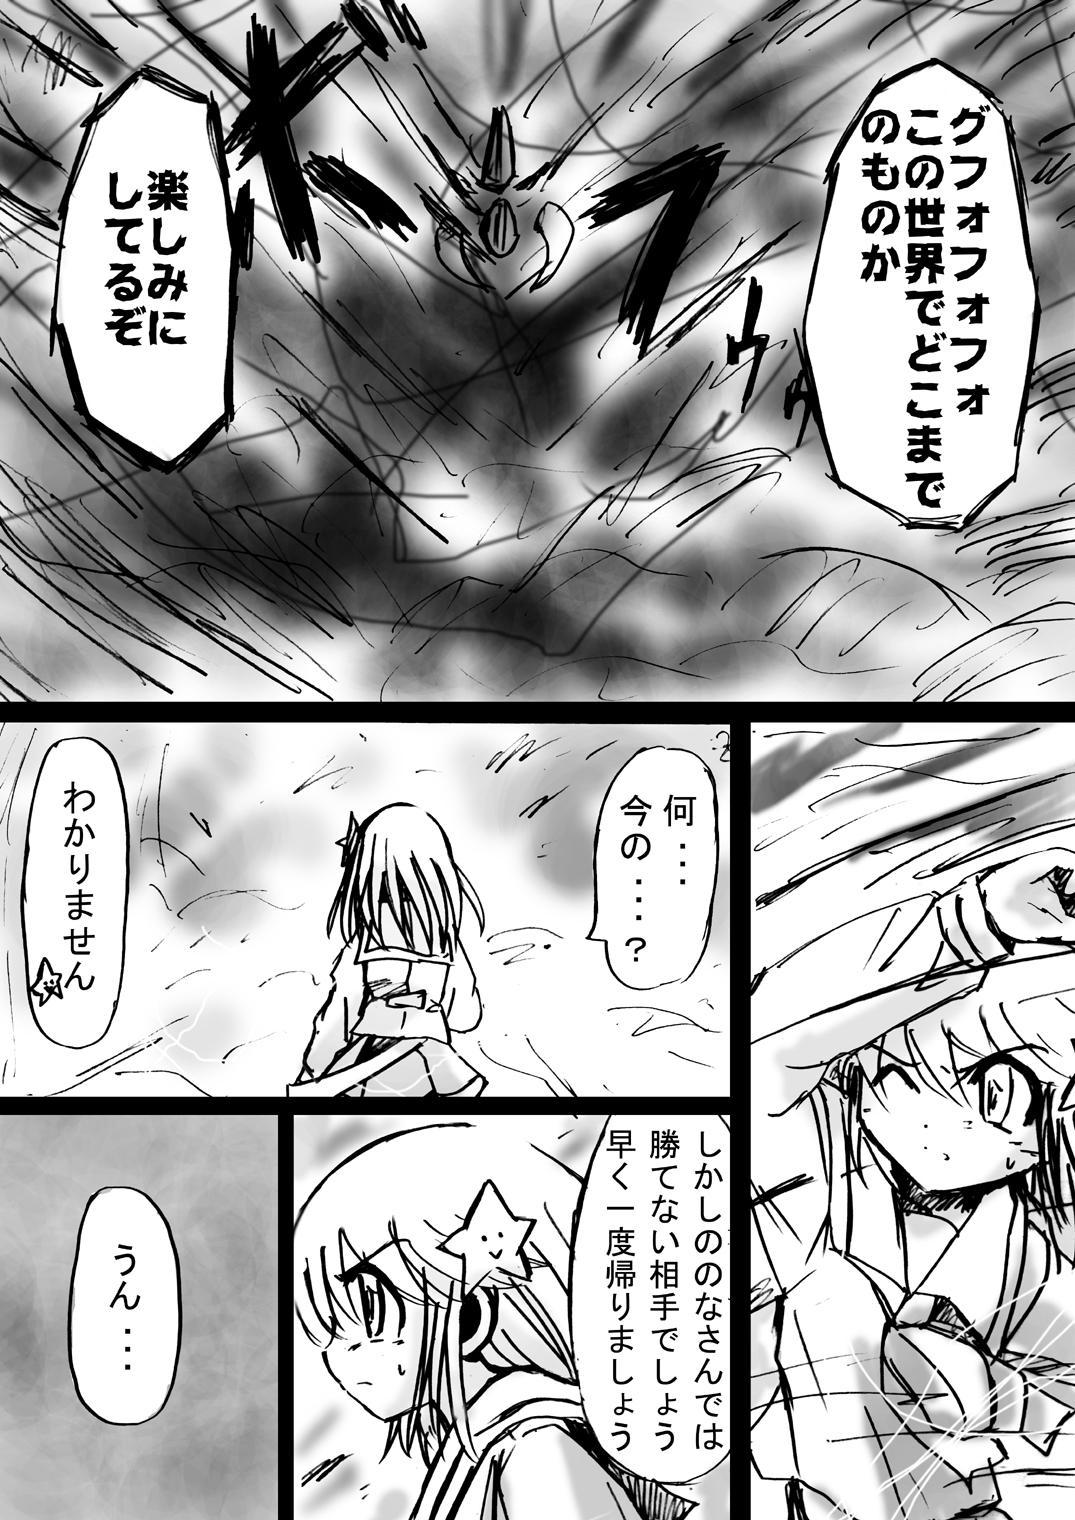 [Dende] Fushigi Sekai -Mystery World- Nonoha 5 ~Jokuma no Kyouniku no Tainai Shinshoku~ 137